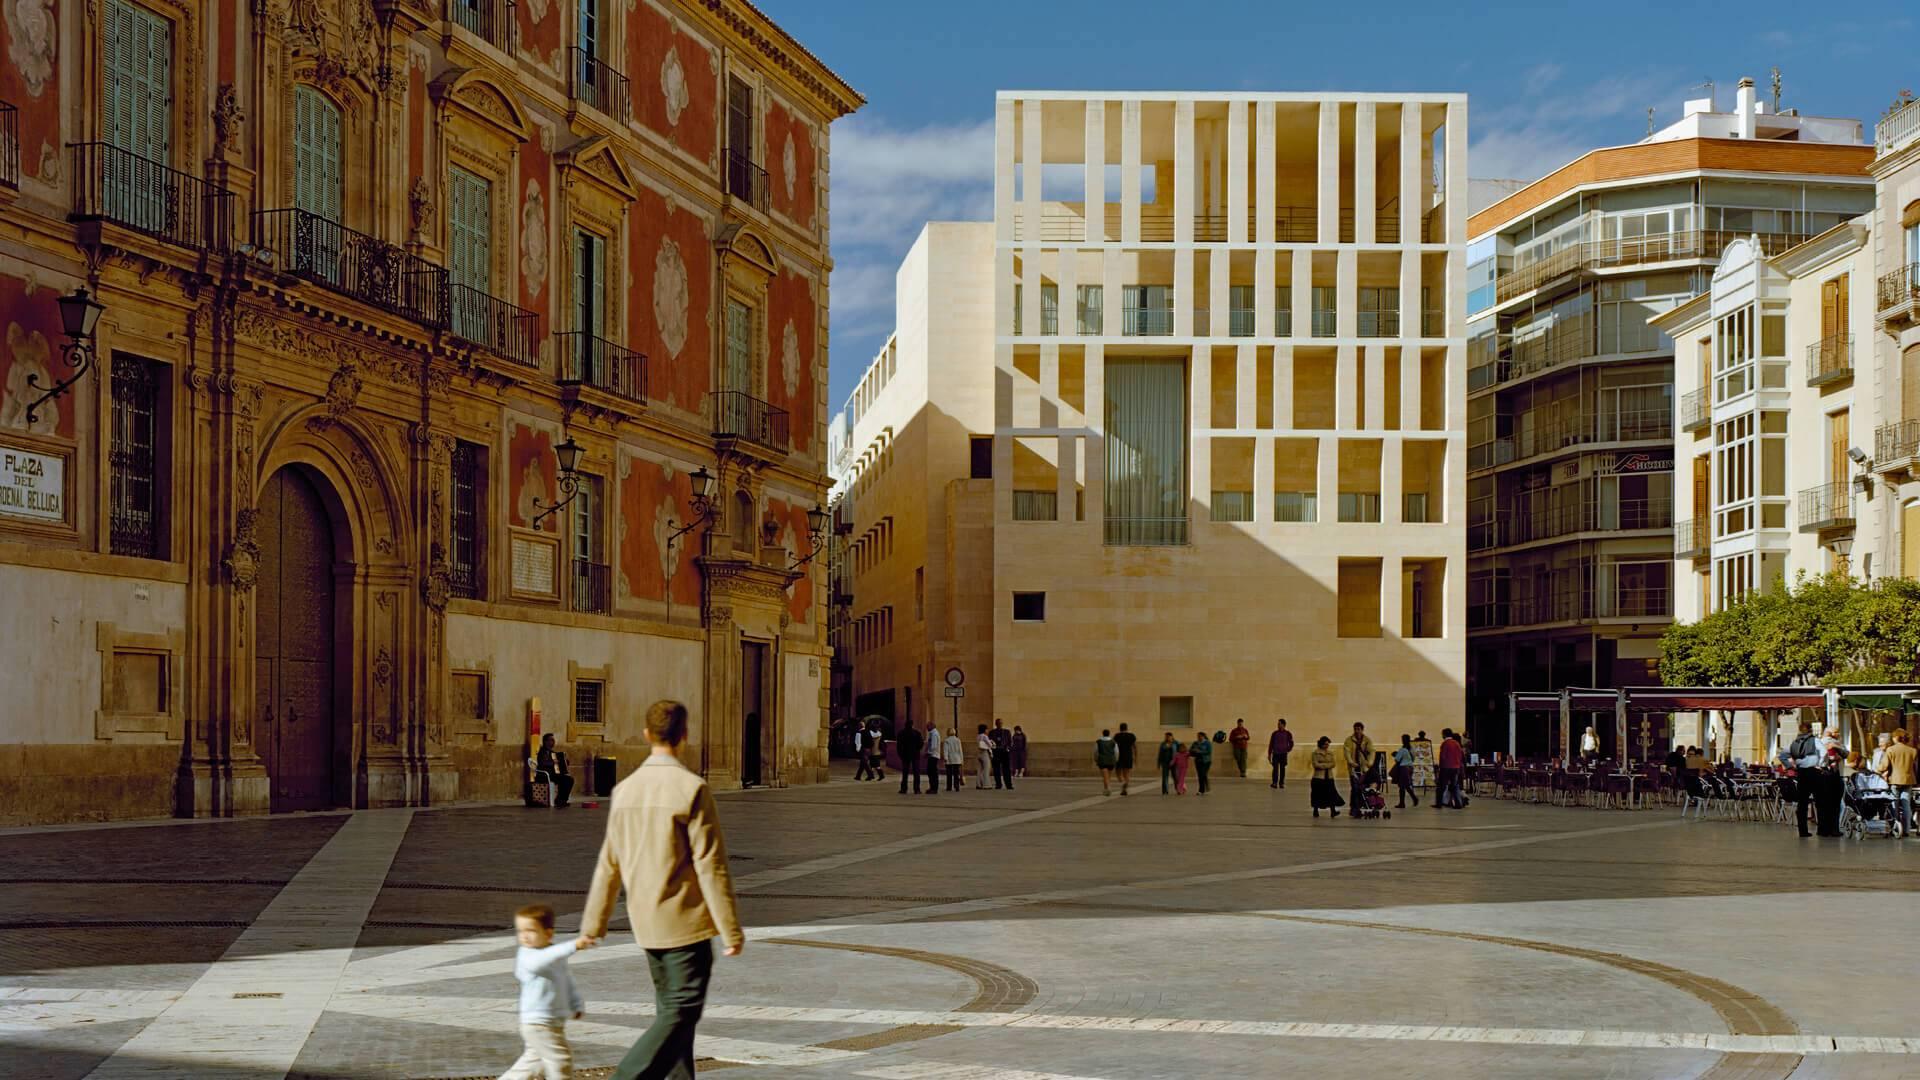 15 главных мировых шедевров архитектуры деконструктивизма, о которых должен знать каждый